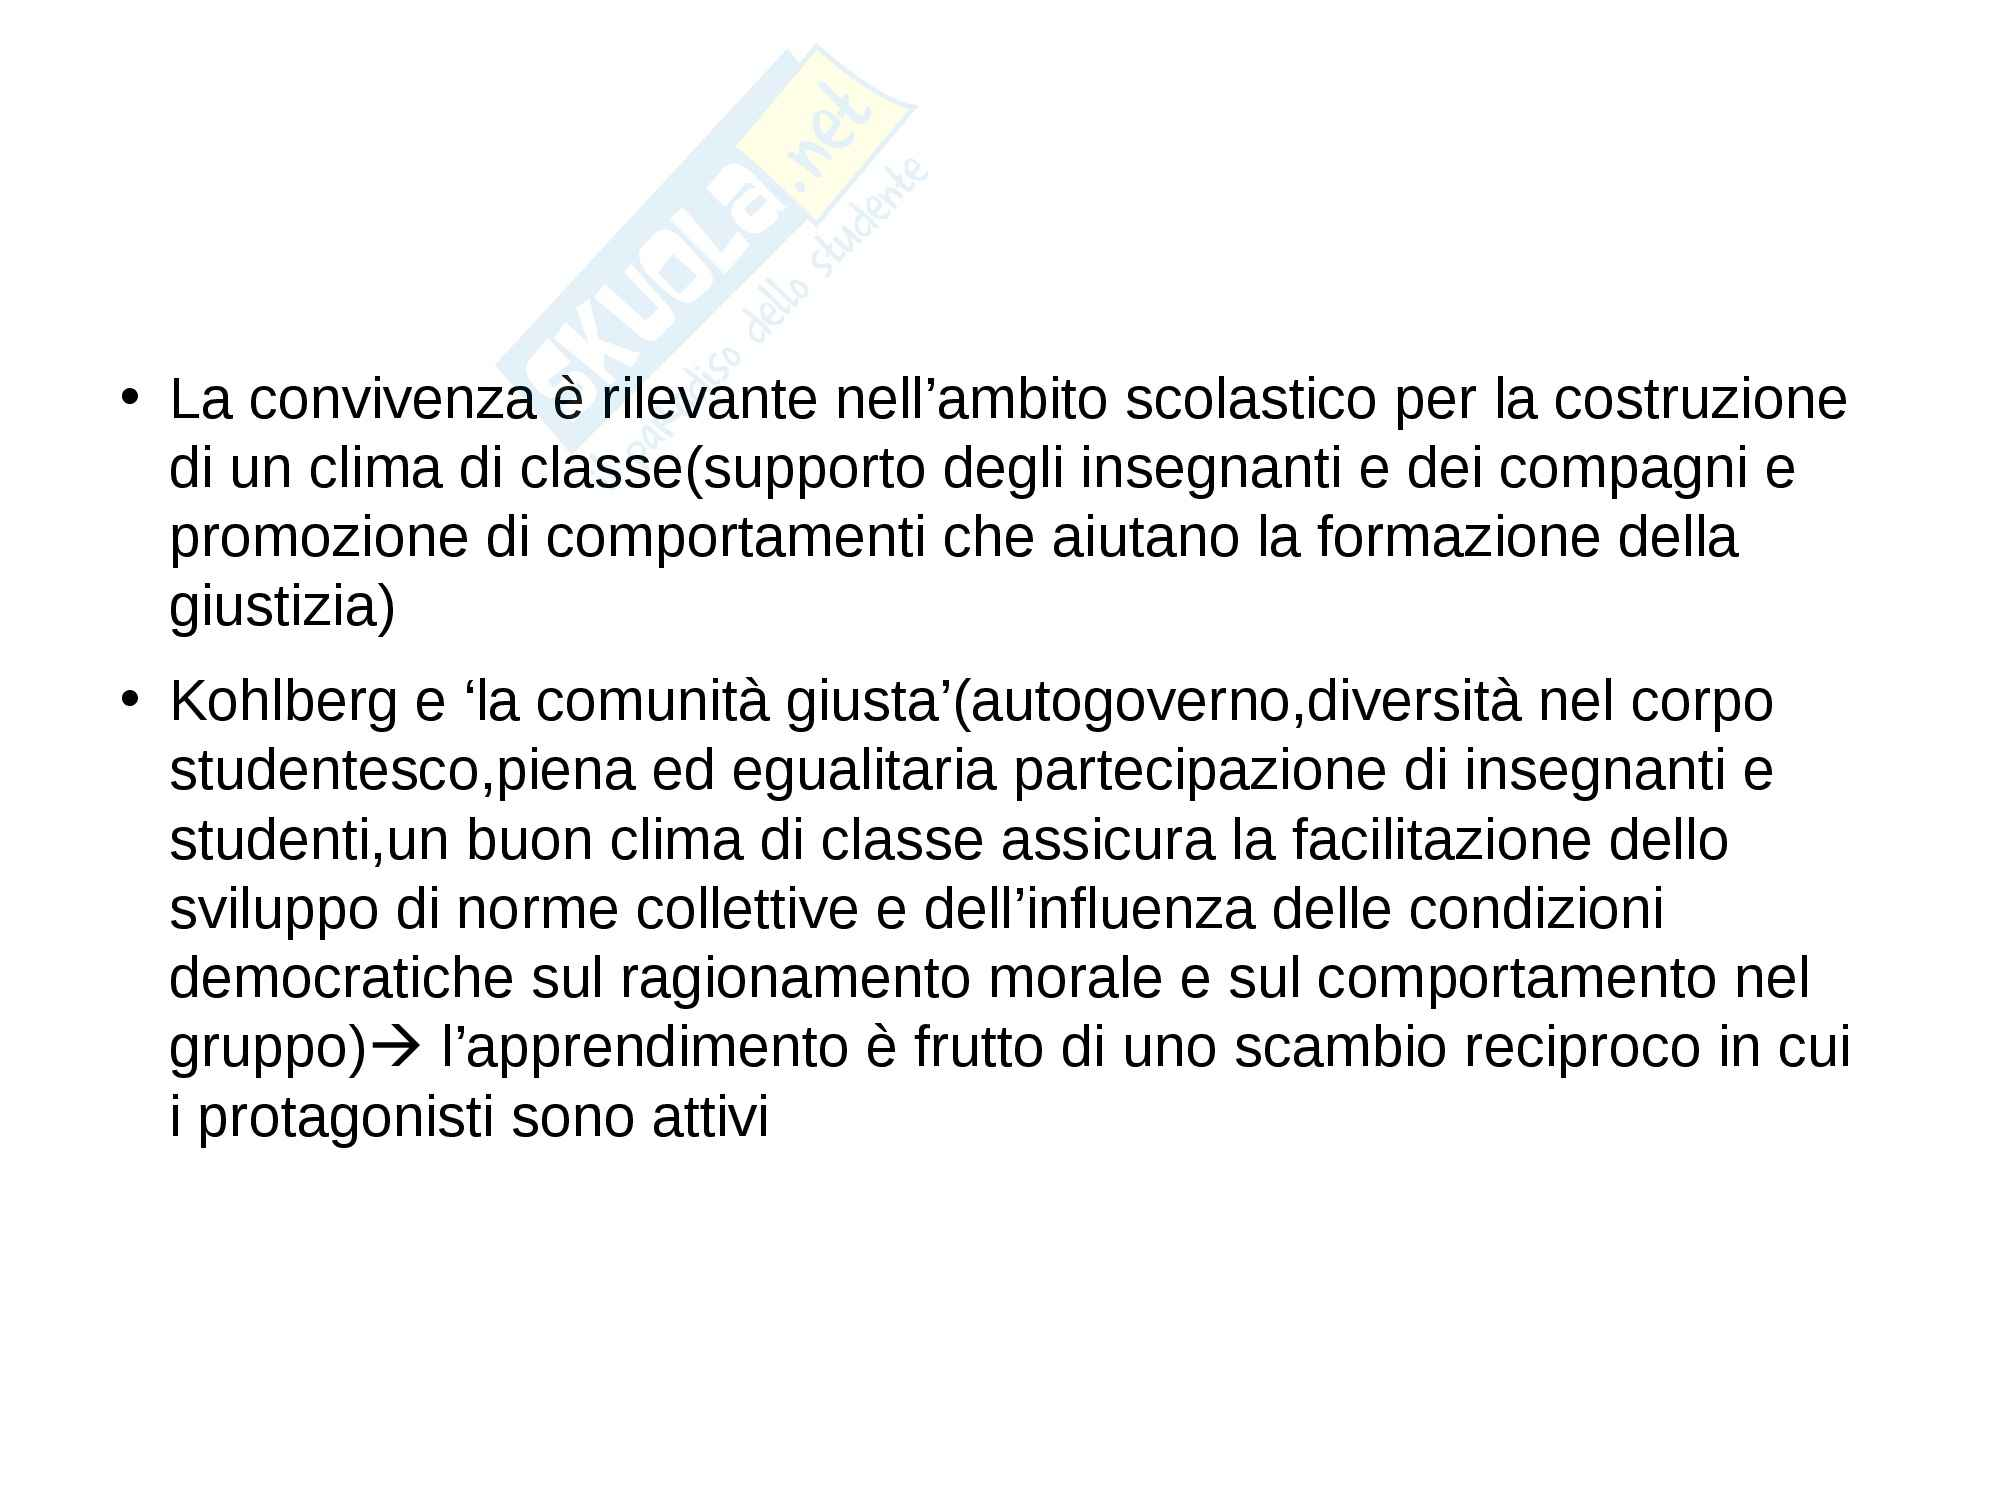 Riassunto esame Psicologia, prof. Petrillo, libro consigliato Senso di giustizia e benessere in adolescenza, Petrillo Pag. 6